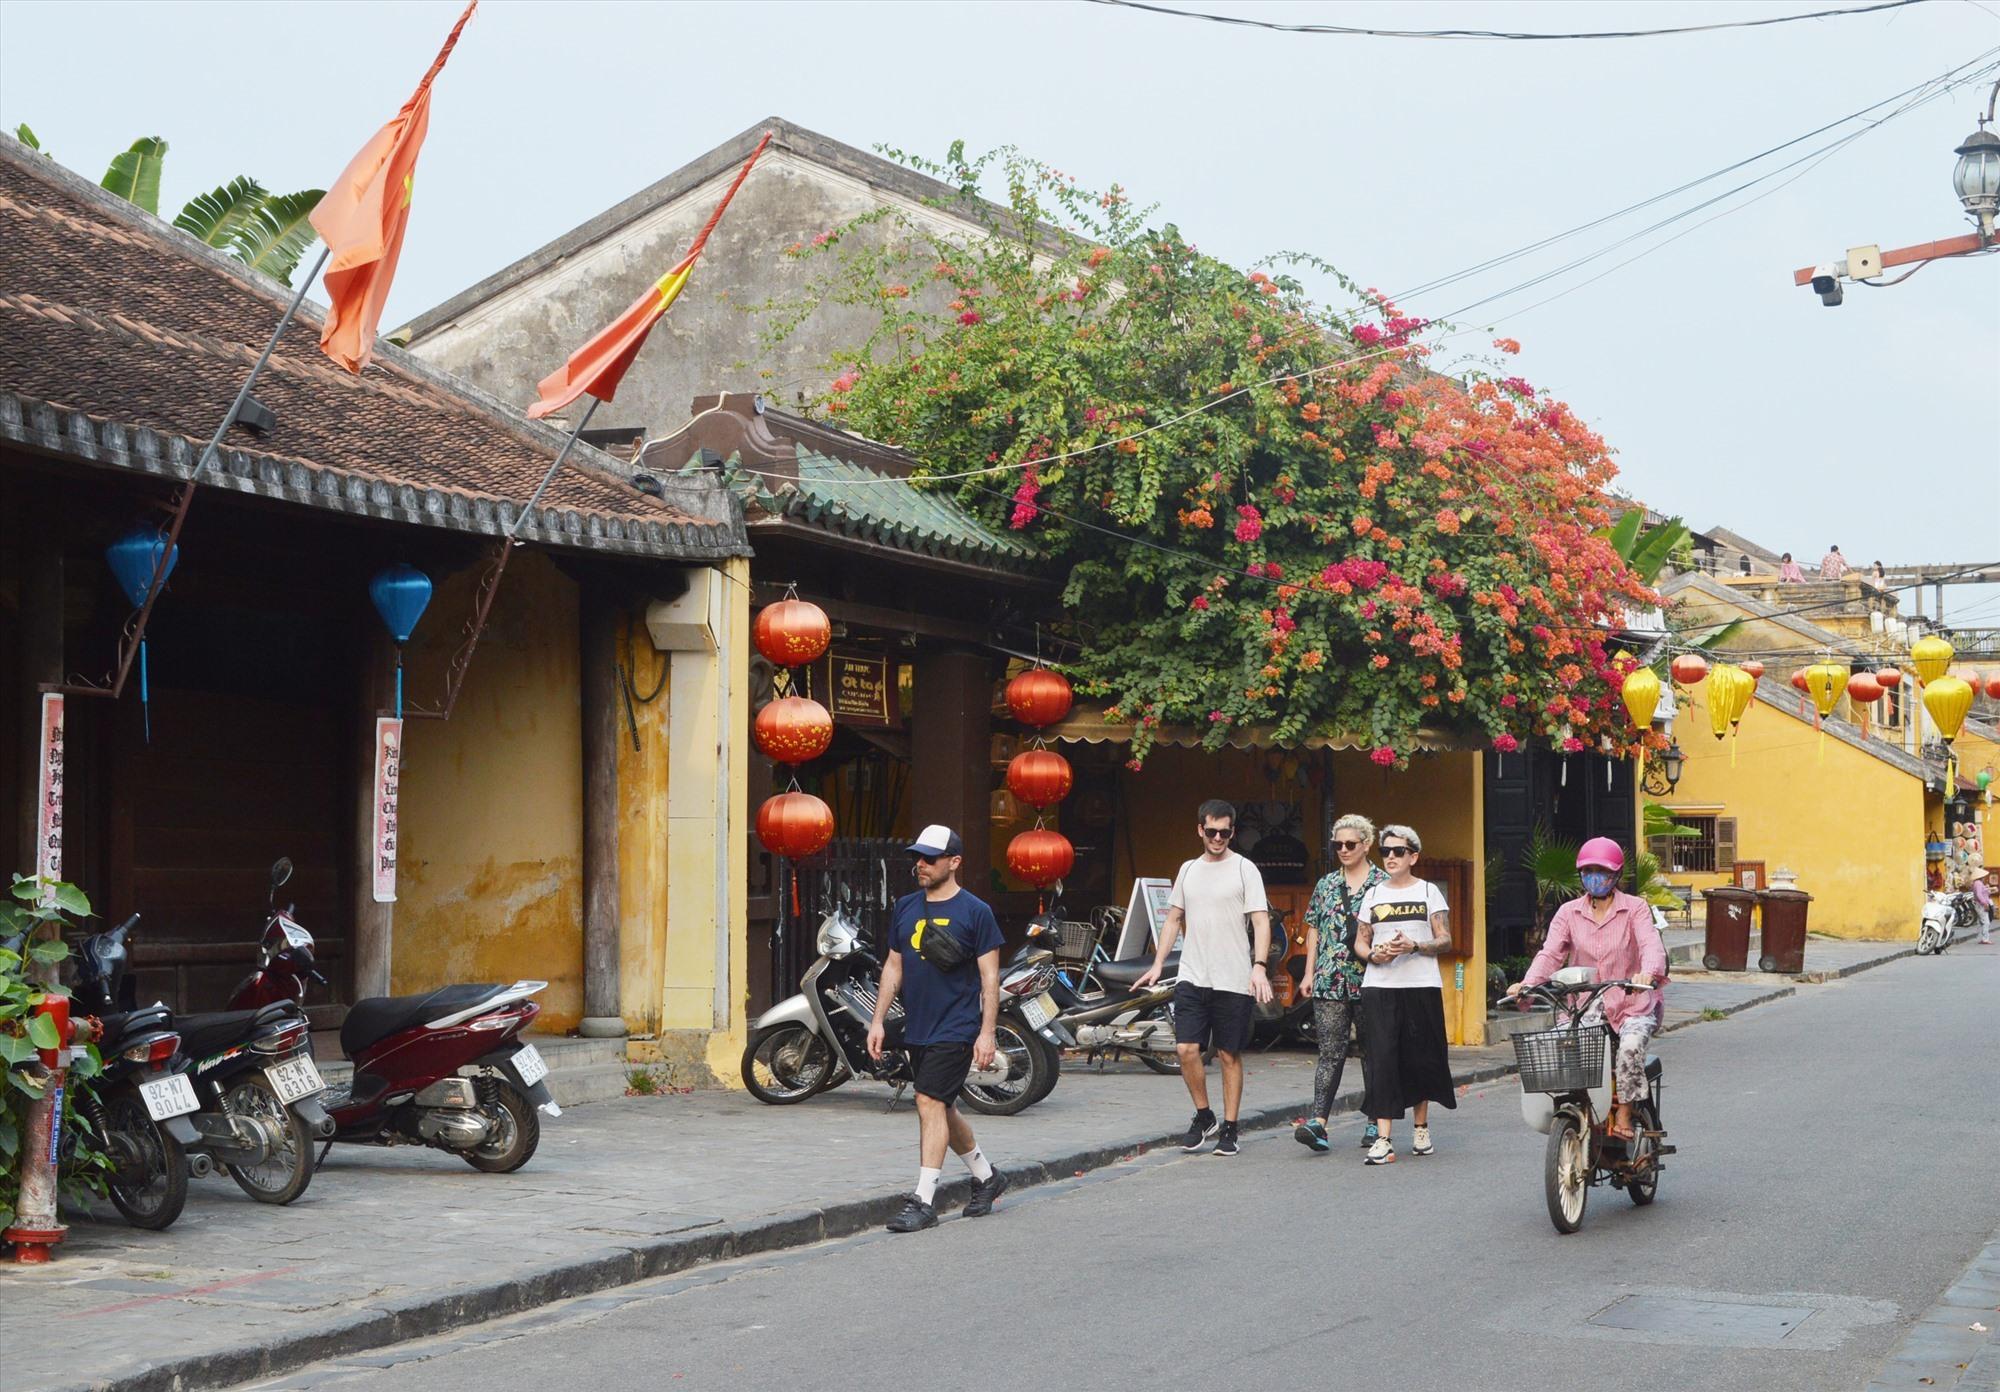 Quảng Nam hướng đến mục tiêu trở thành trung tâm du lịch của khu vực và là điểm đến an toàn, thân thiện. Ảnh: K.L